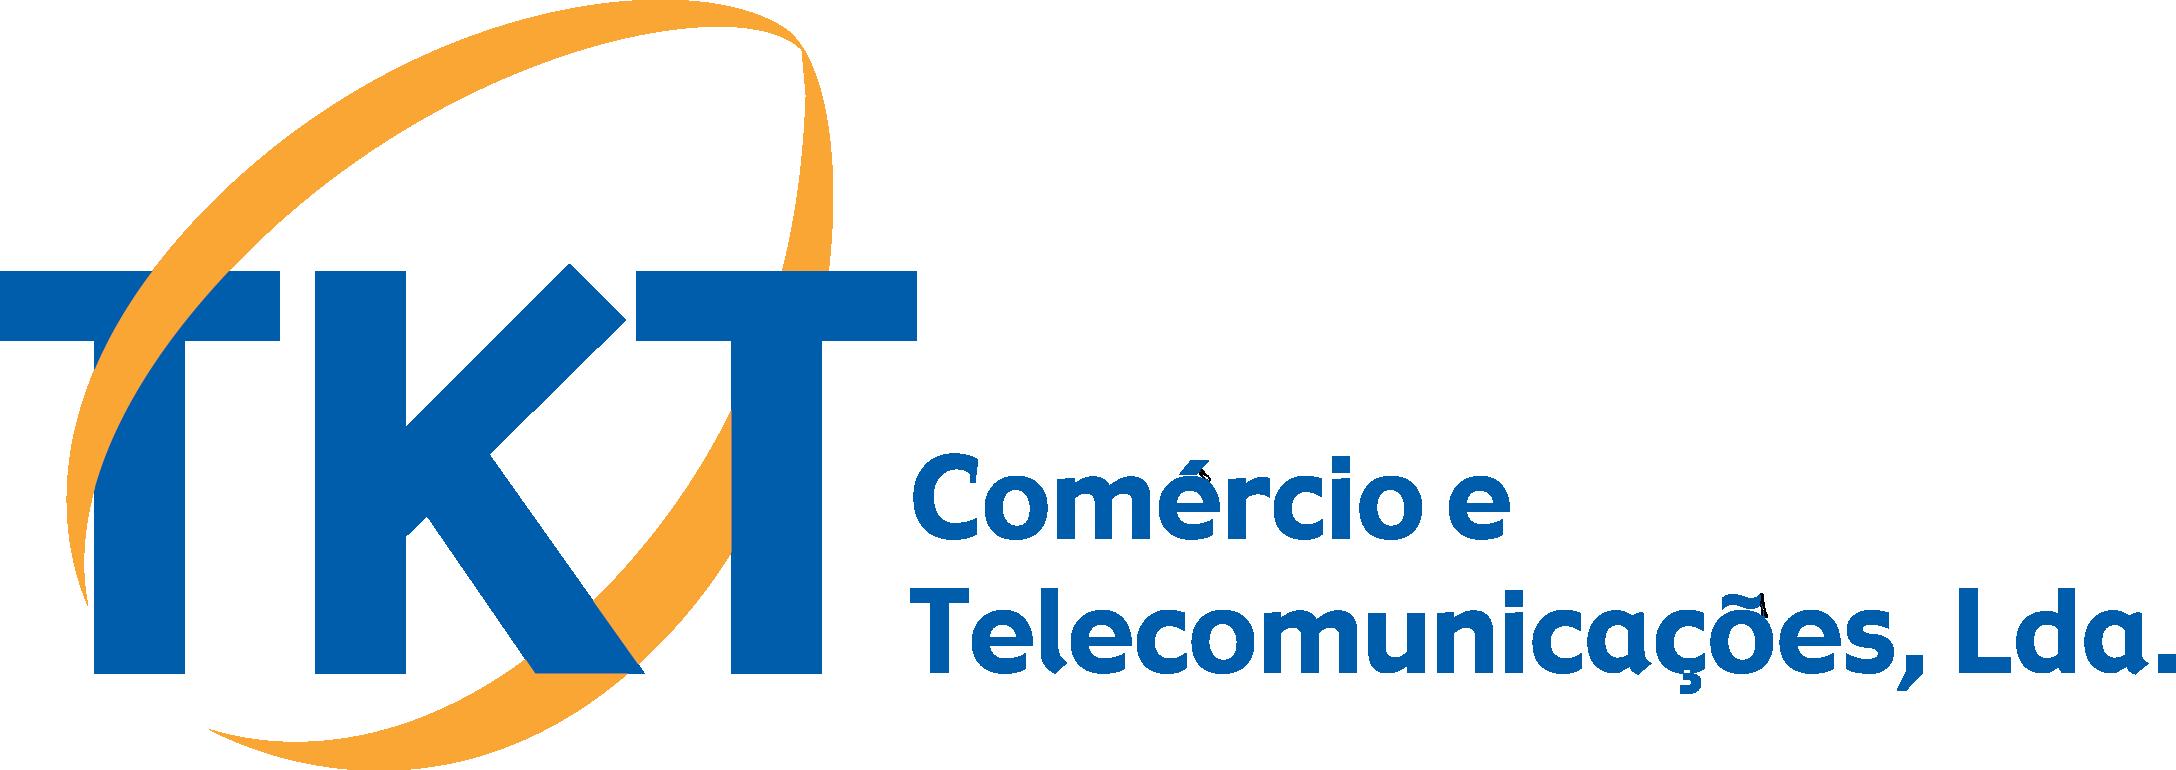 TKT COMÉRCIO E TELECOMUNICAÇÕES, LDA.